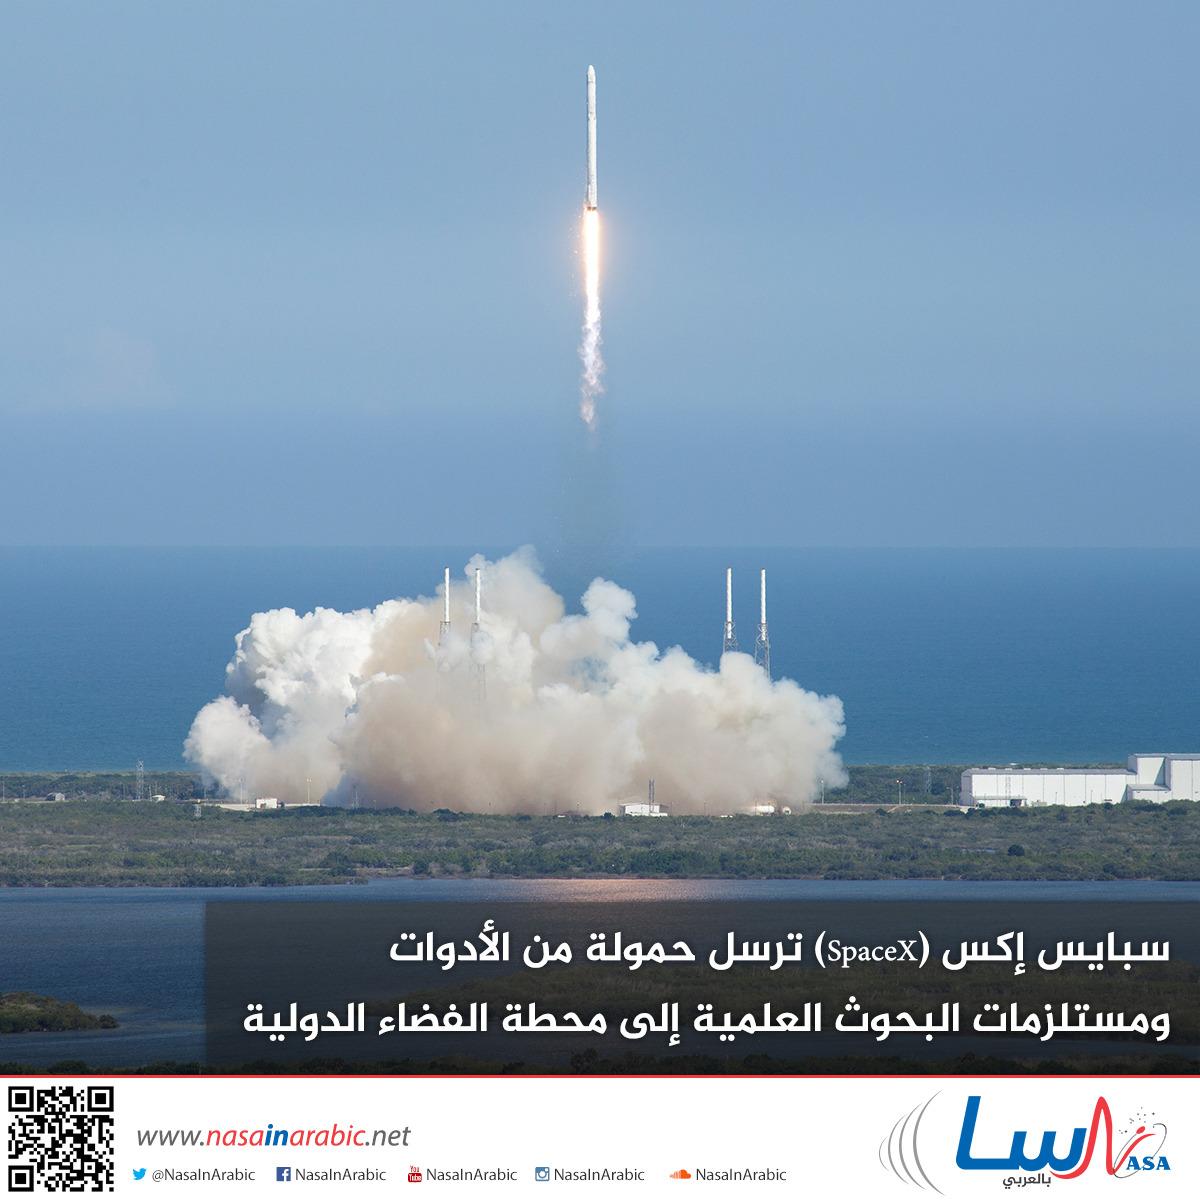 سبايس إكس (SpaceX) ترسل حمولة من الأدوات ومستلزمات البحوث العلمية إلى محطة الفضاء الدولية